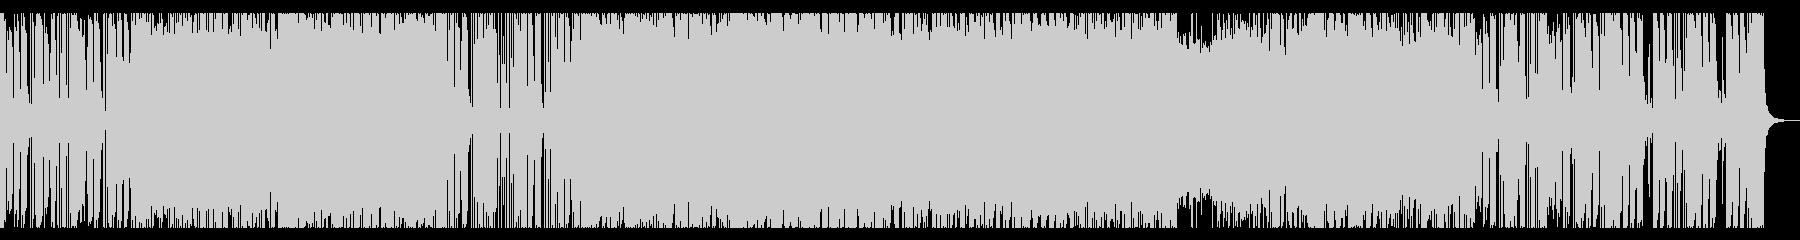 激しいロック調のオープニングの未再生の波形